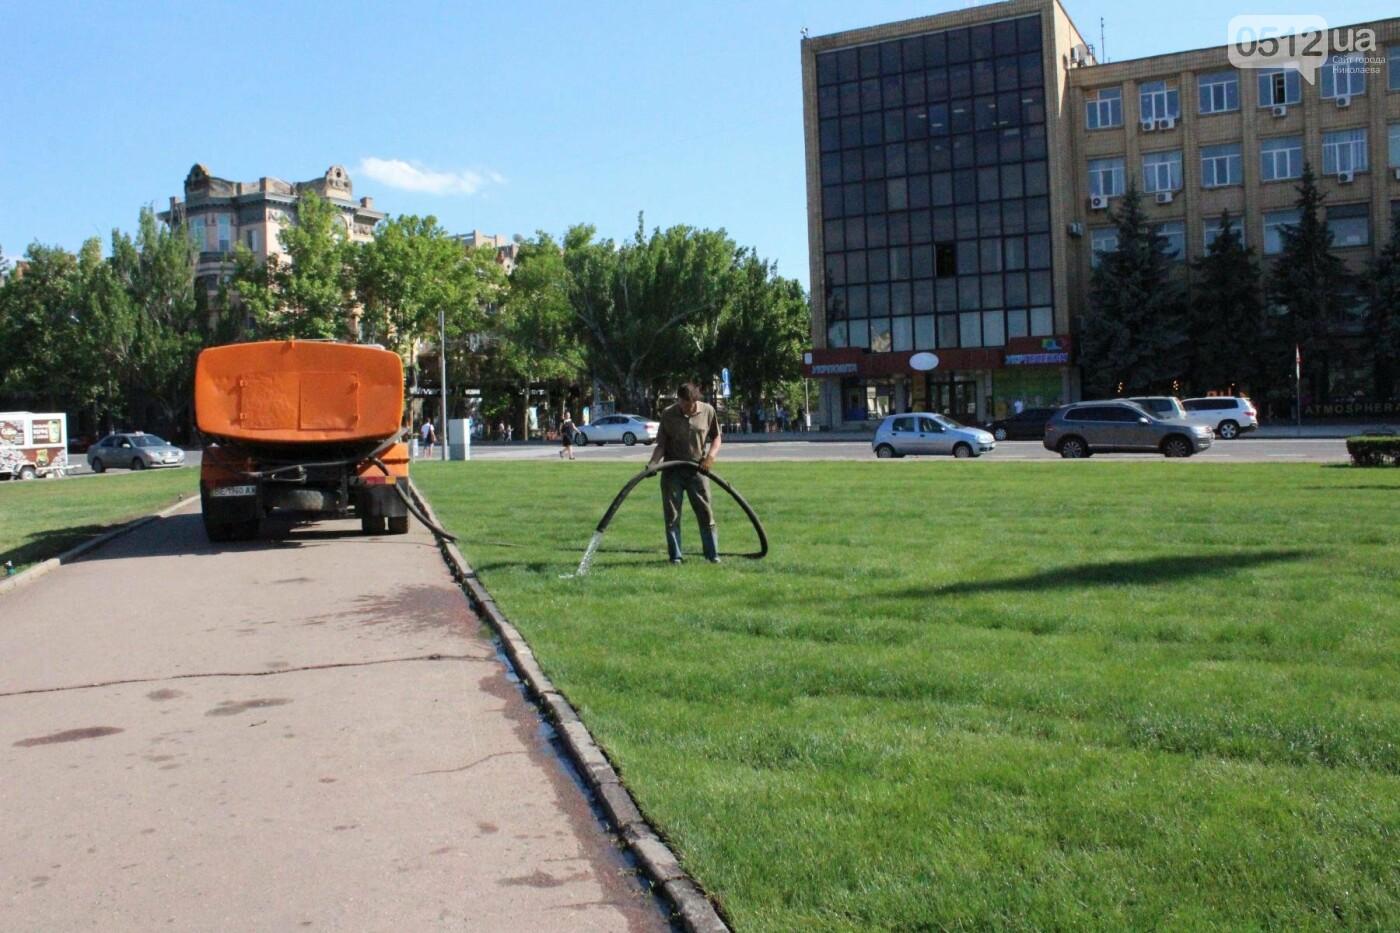 Соборную площадь в Николаеве готовят к приезду Петра Порошенко, - ФОТО, фото-3